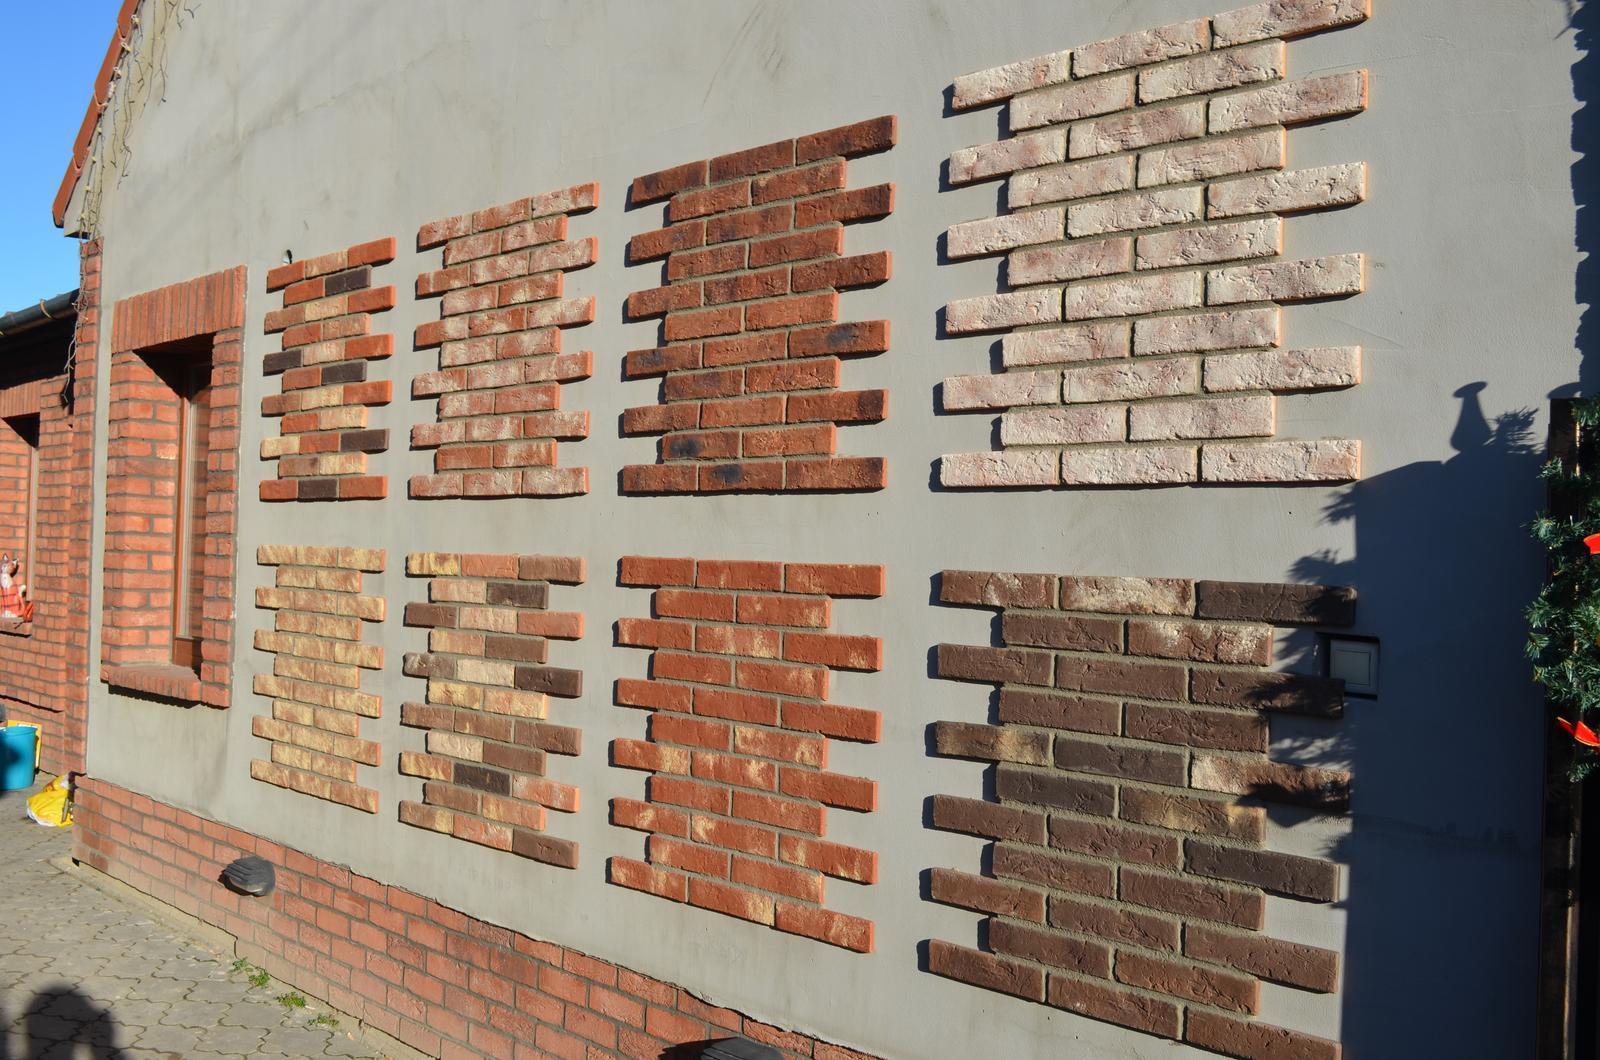 Fasády a tehlové obklady - vzorky sú nahliadnutiu v Opoji, začiatkom apríla sprístupníme celú predajnu ako i ďalšie obklady